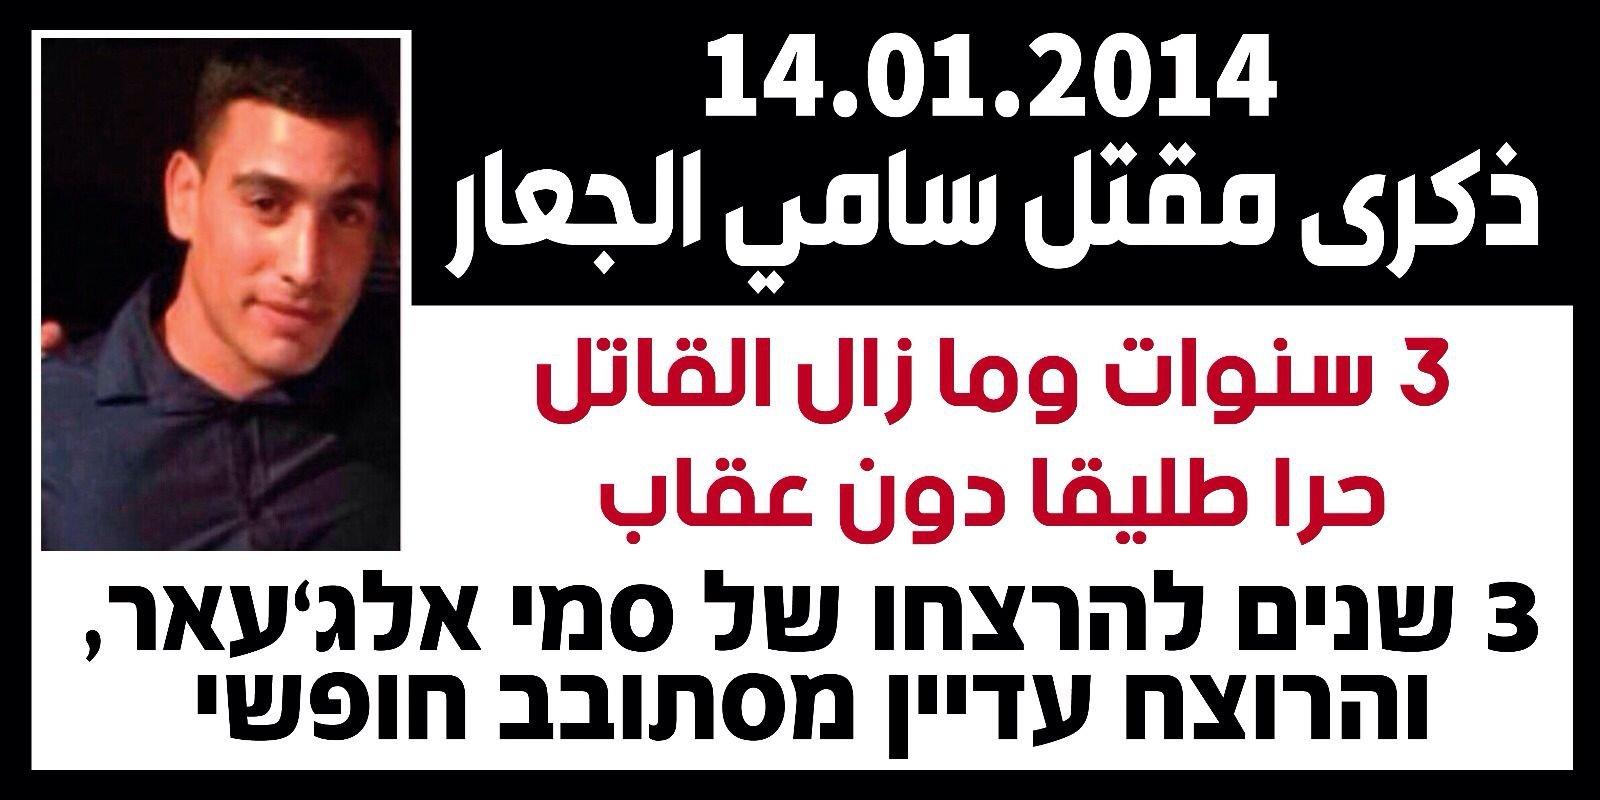 الشرطة تزيل لافتات ذكرى استشهادسامي الجعار .. الزبارقة: قتلوه ويحرمون عائلته من تخليد ذكراه